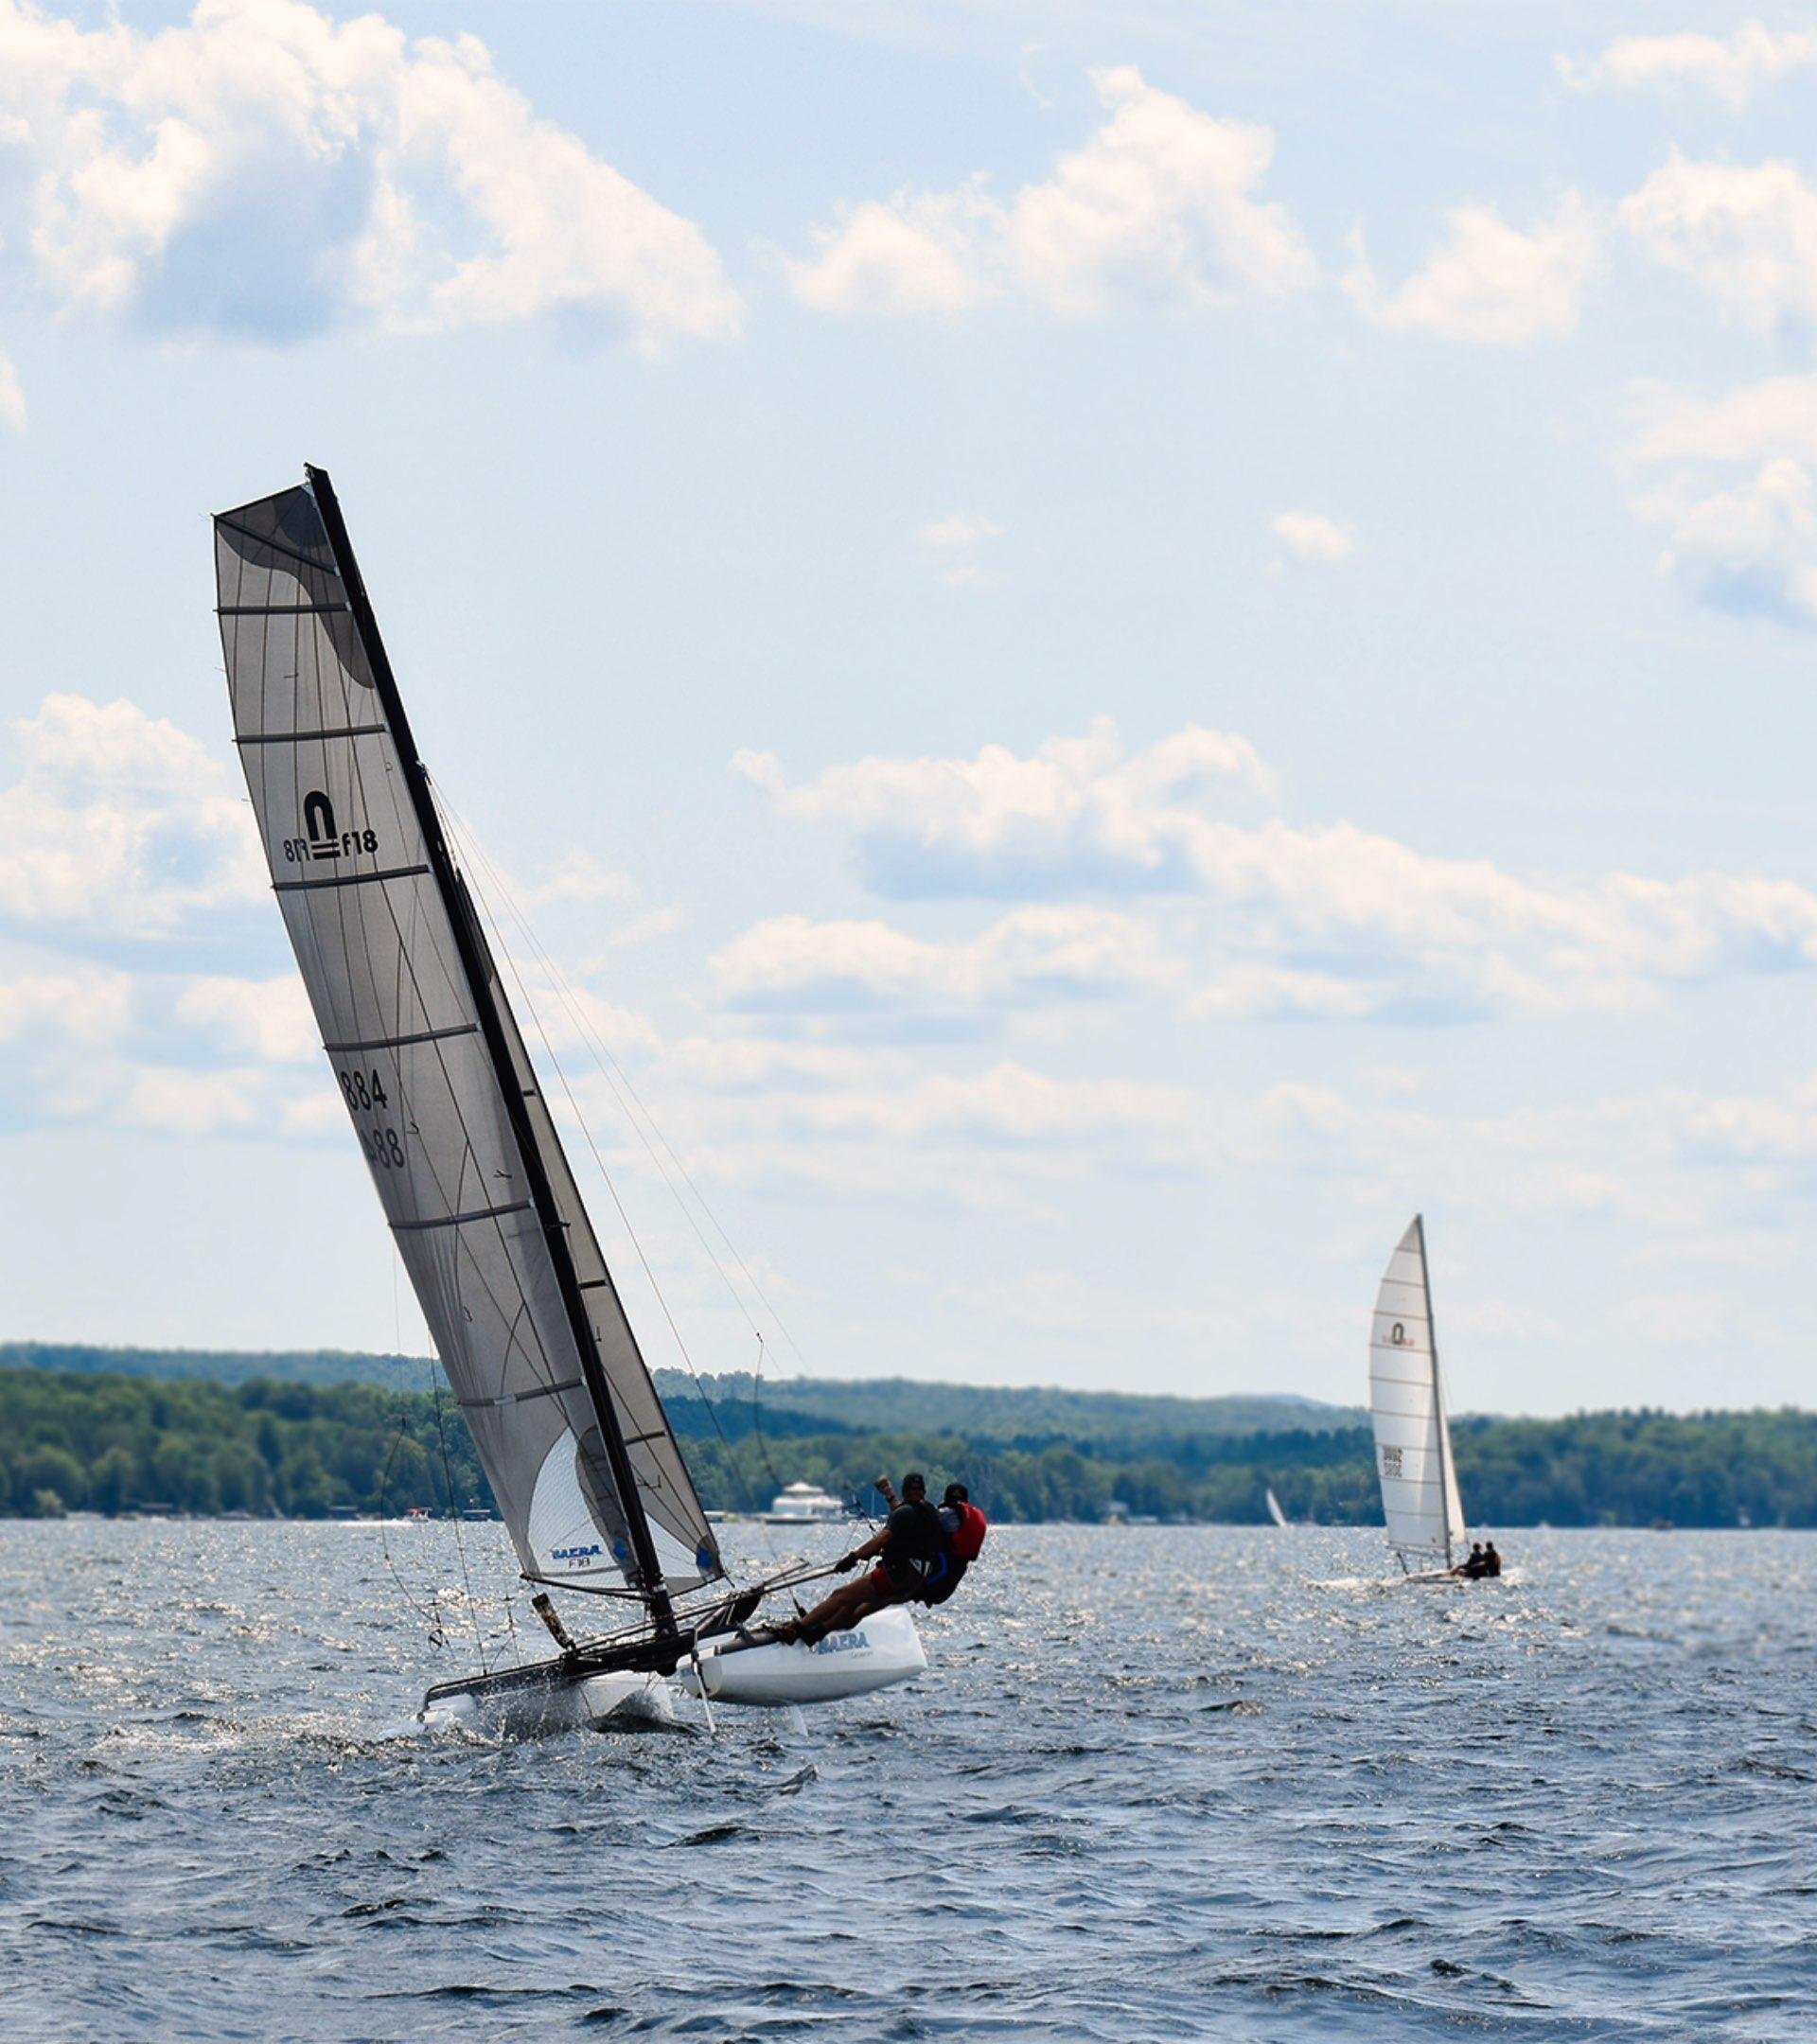 cours privés en catamaran sur le lac Memphrémagog